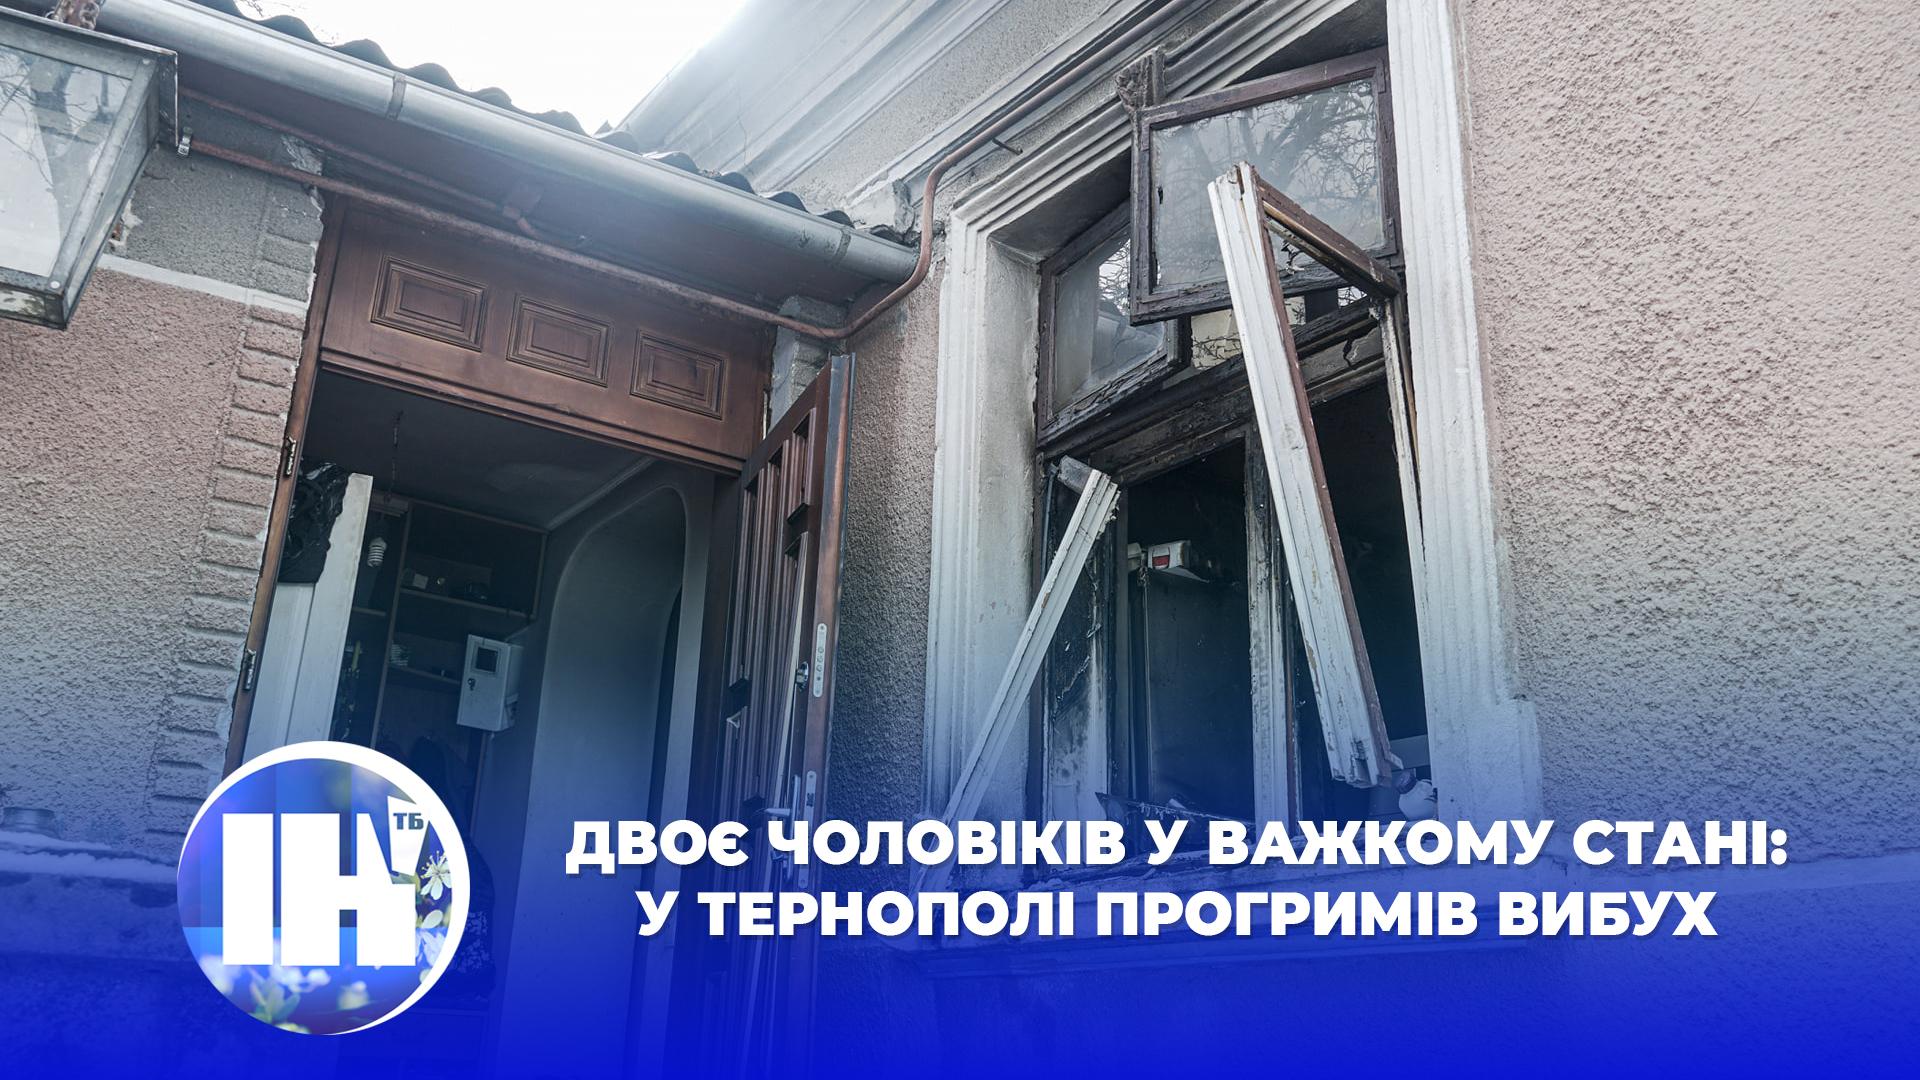 Двоє чоловіків у важкому стані: у Тернополі прогримів вибух